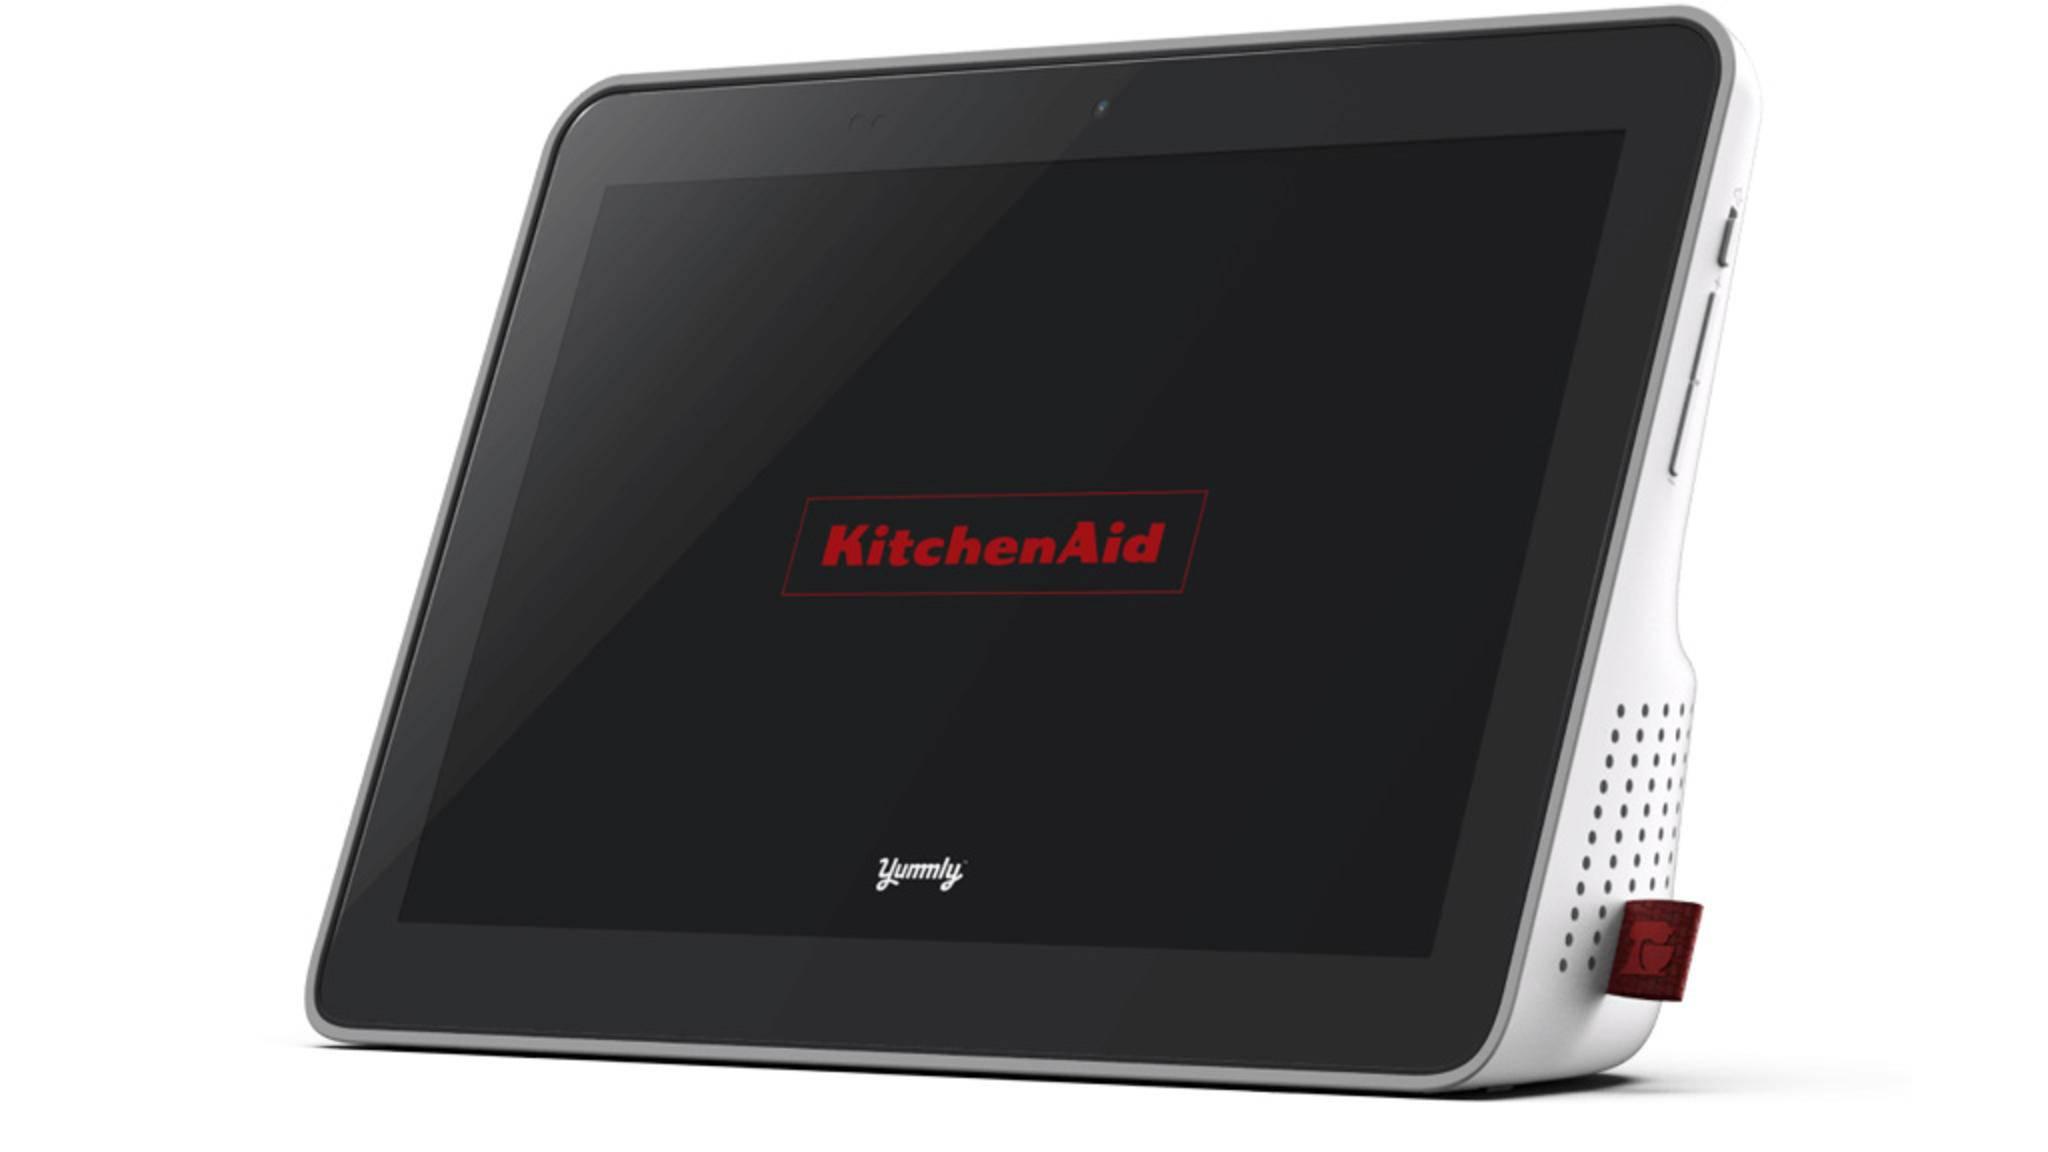 KitchenAid bringt demnächst auch ein smartes Display als Küchenhelfer auf den Markt.